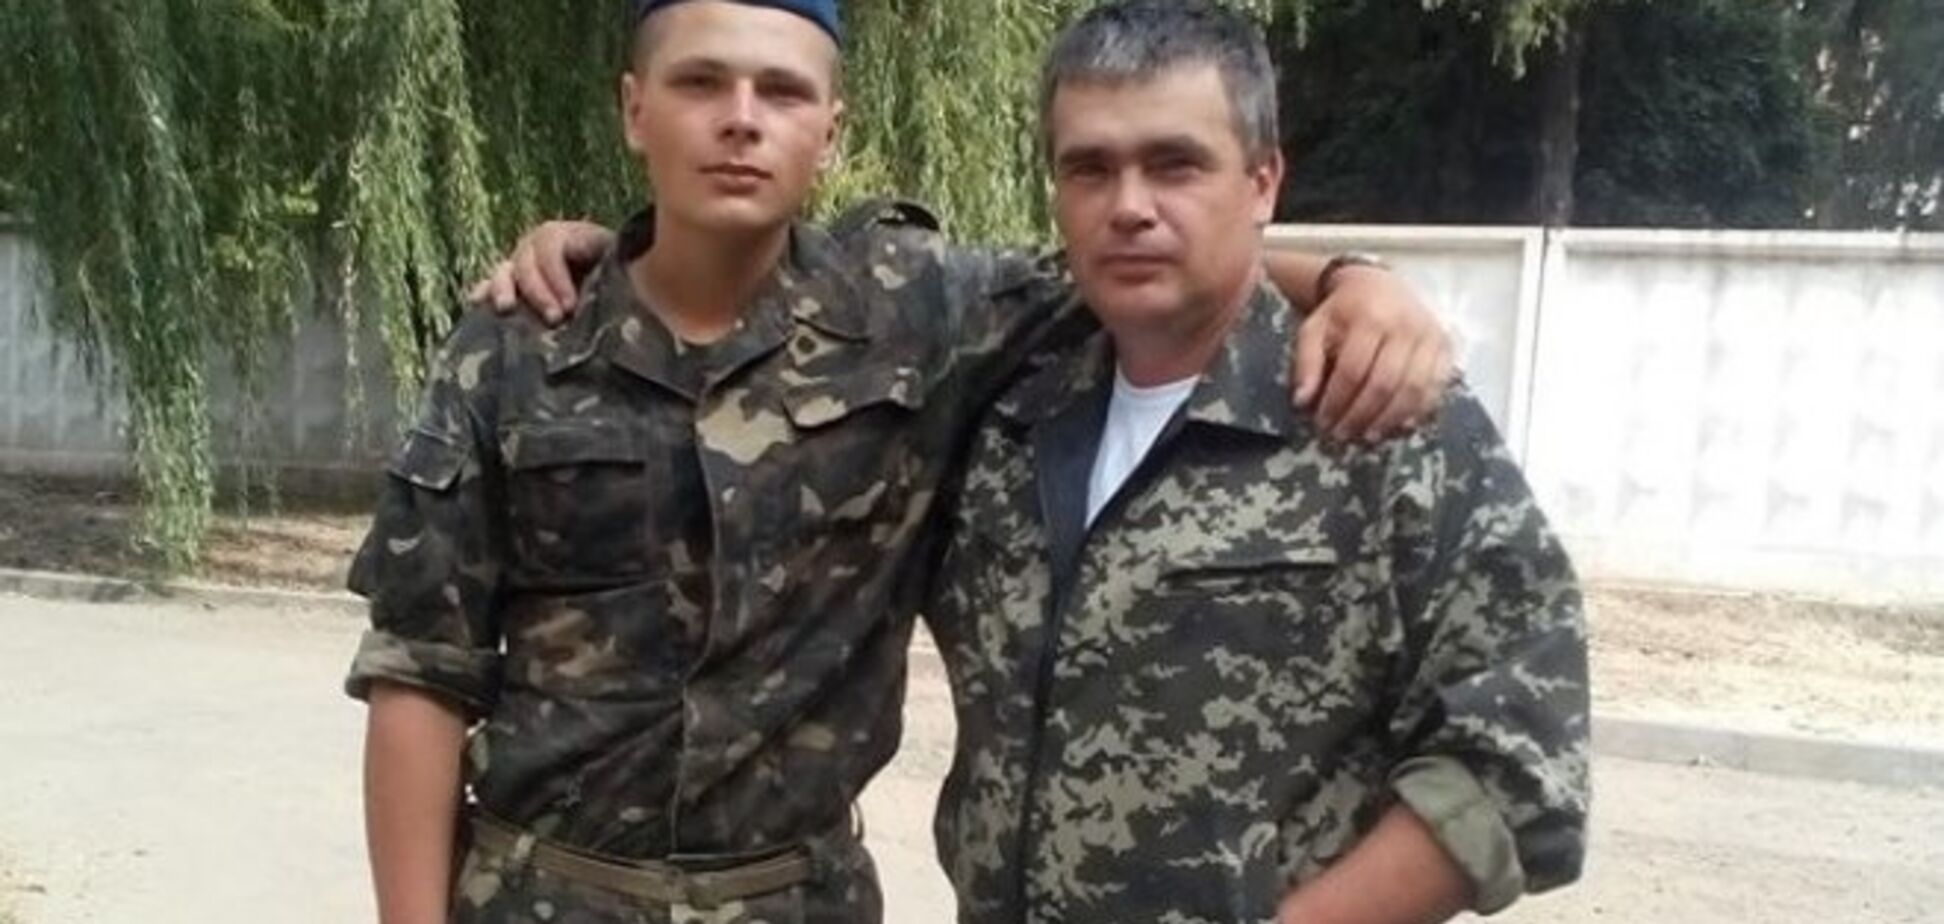 'Його вбили': батько загиблого в Харкові курсанта зробив гучну заяву